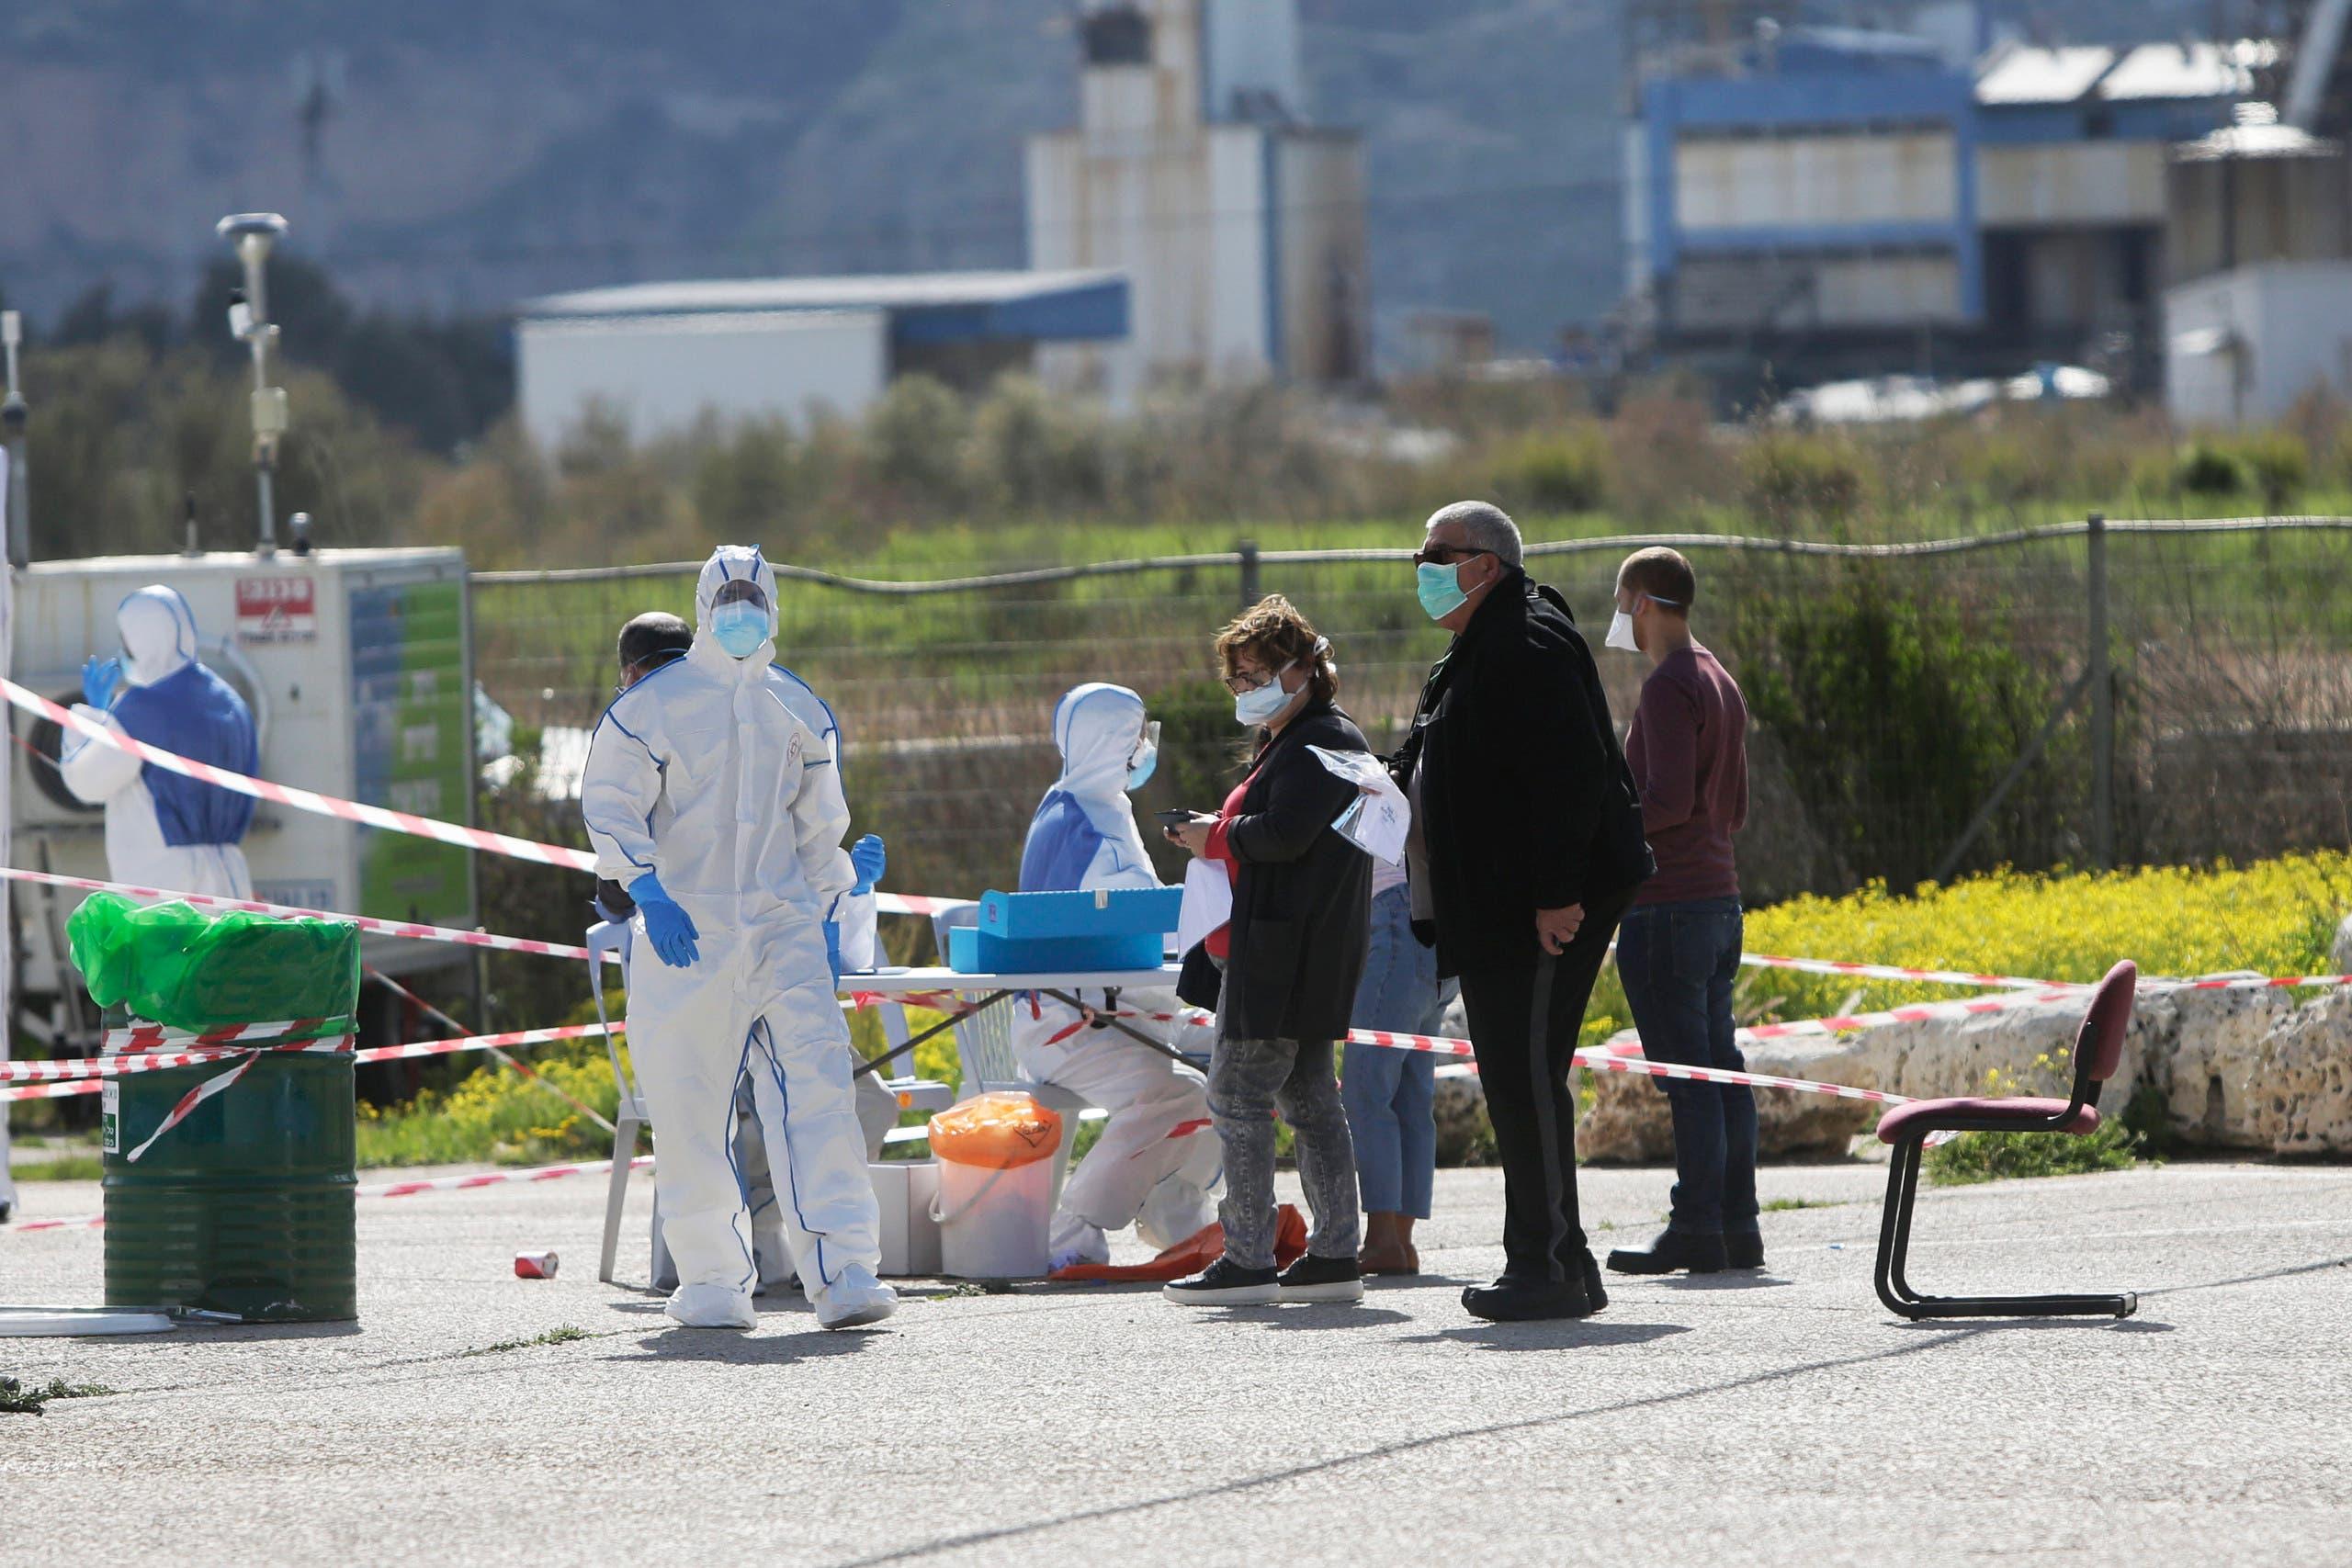 الصحة الفلسطينية تسجل 453 إصابة جديدة بفيروس كورونا